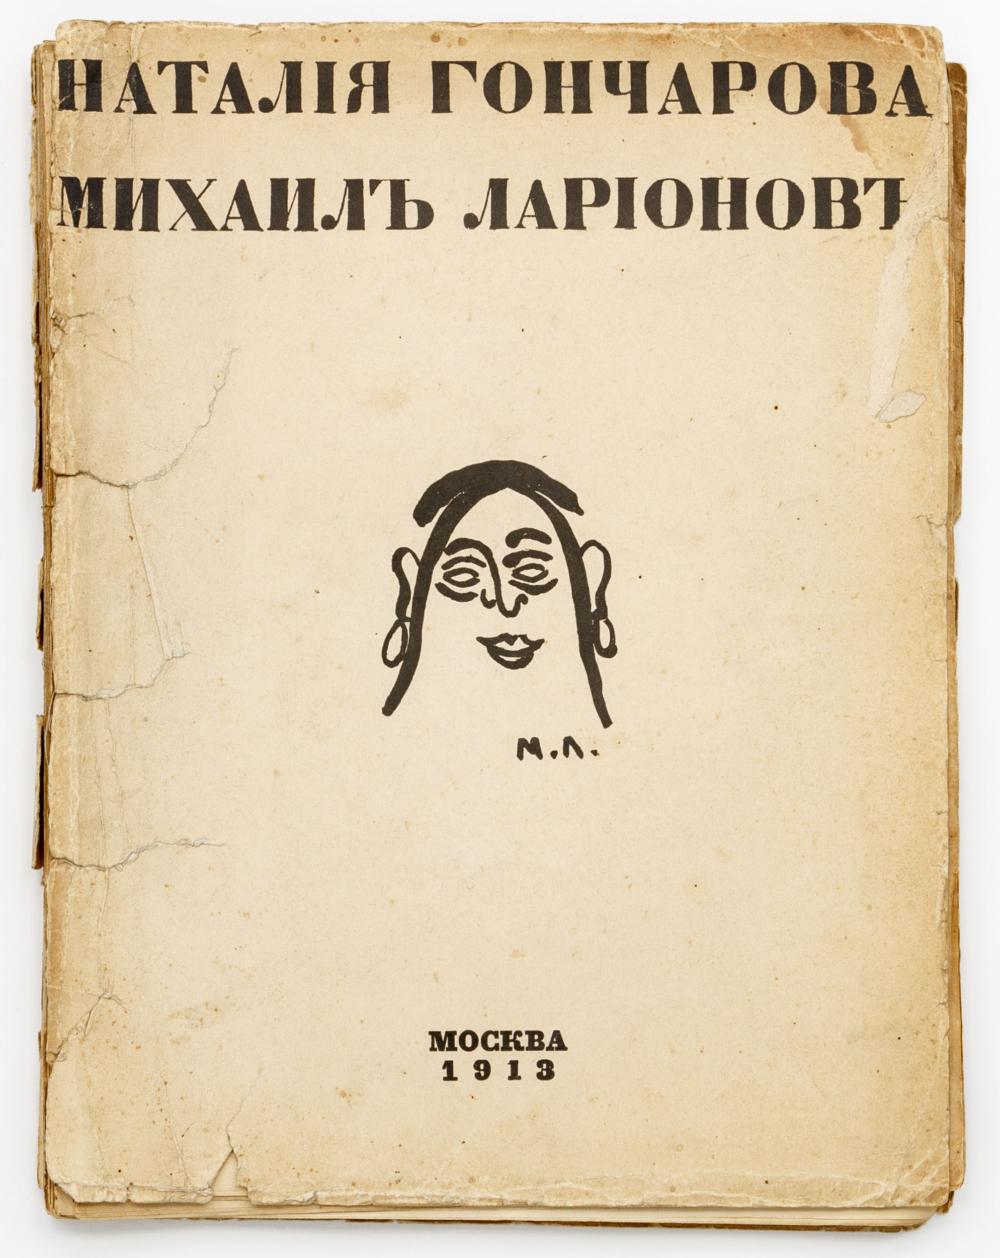 Книга «Наталия Гончарова. Михаил Ларионов.»